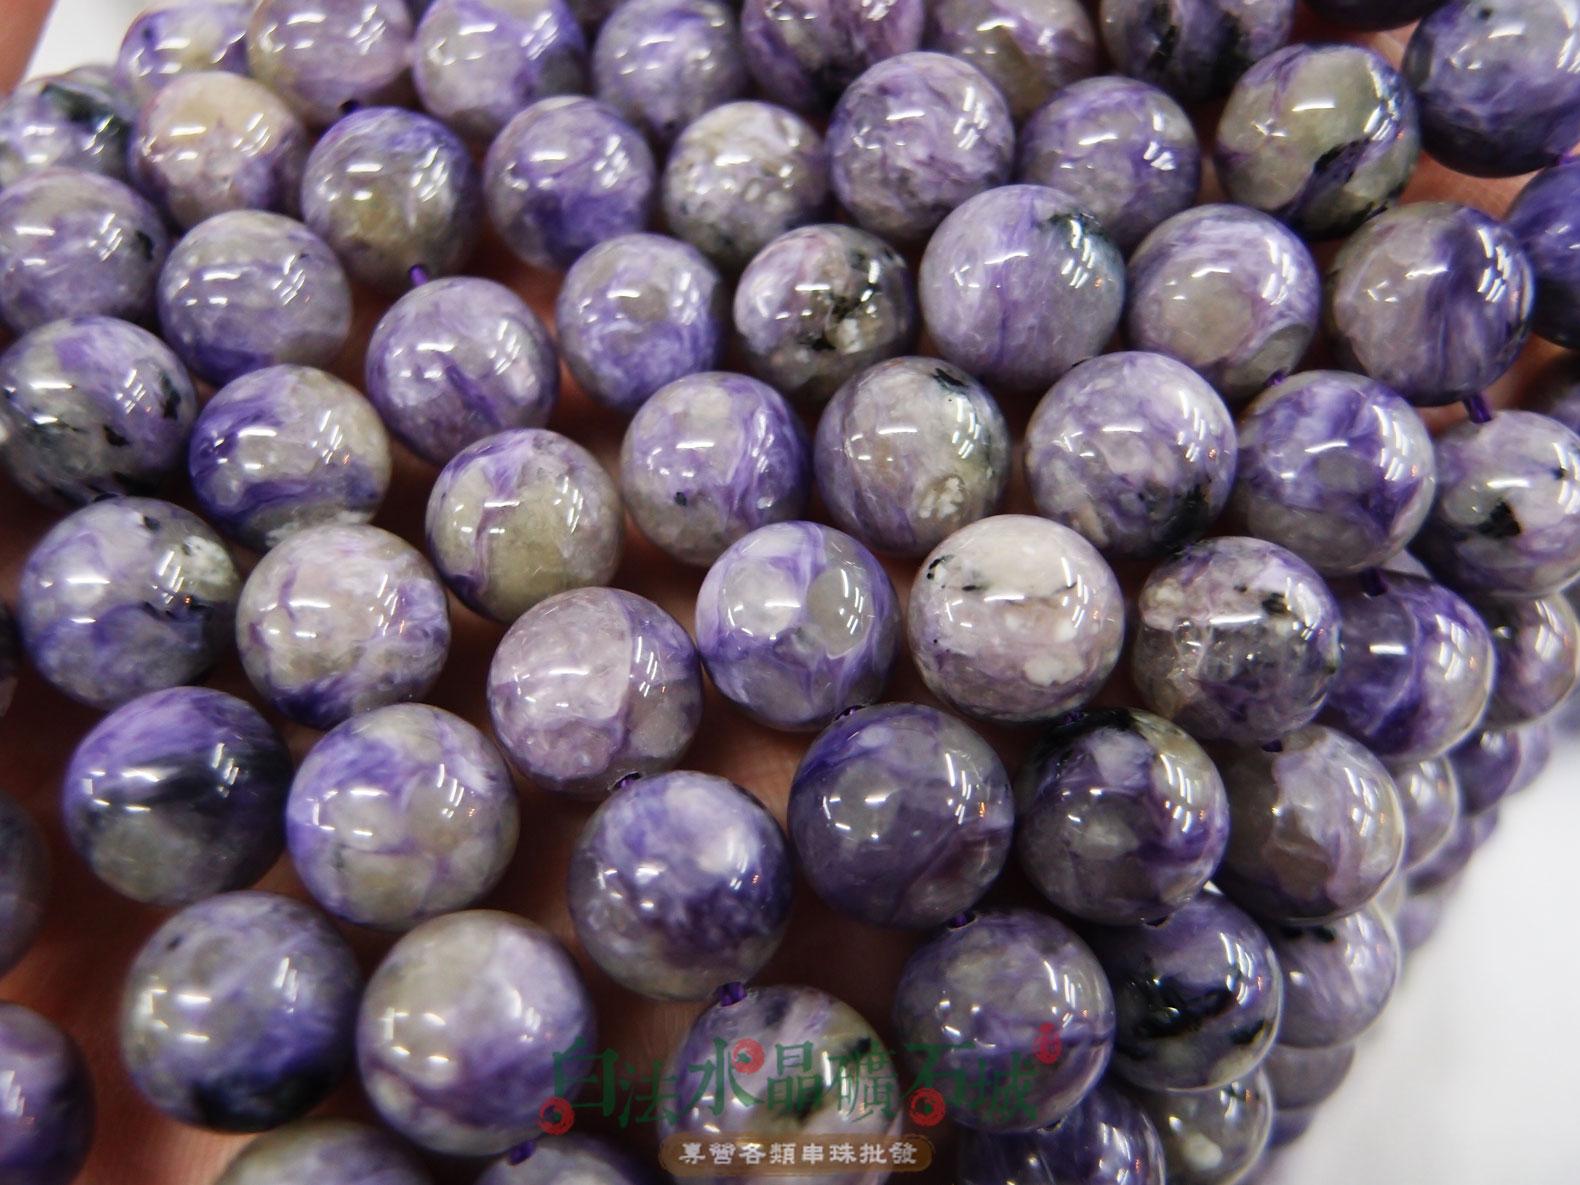 白法水晶礦石城 俄羅斯 天然-紫龍晶 10mm 串珠/條珠 首飾材料